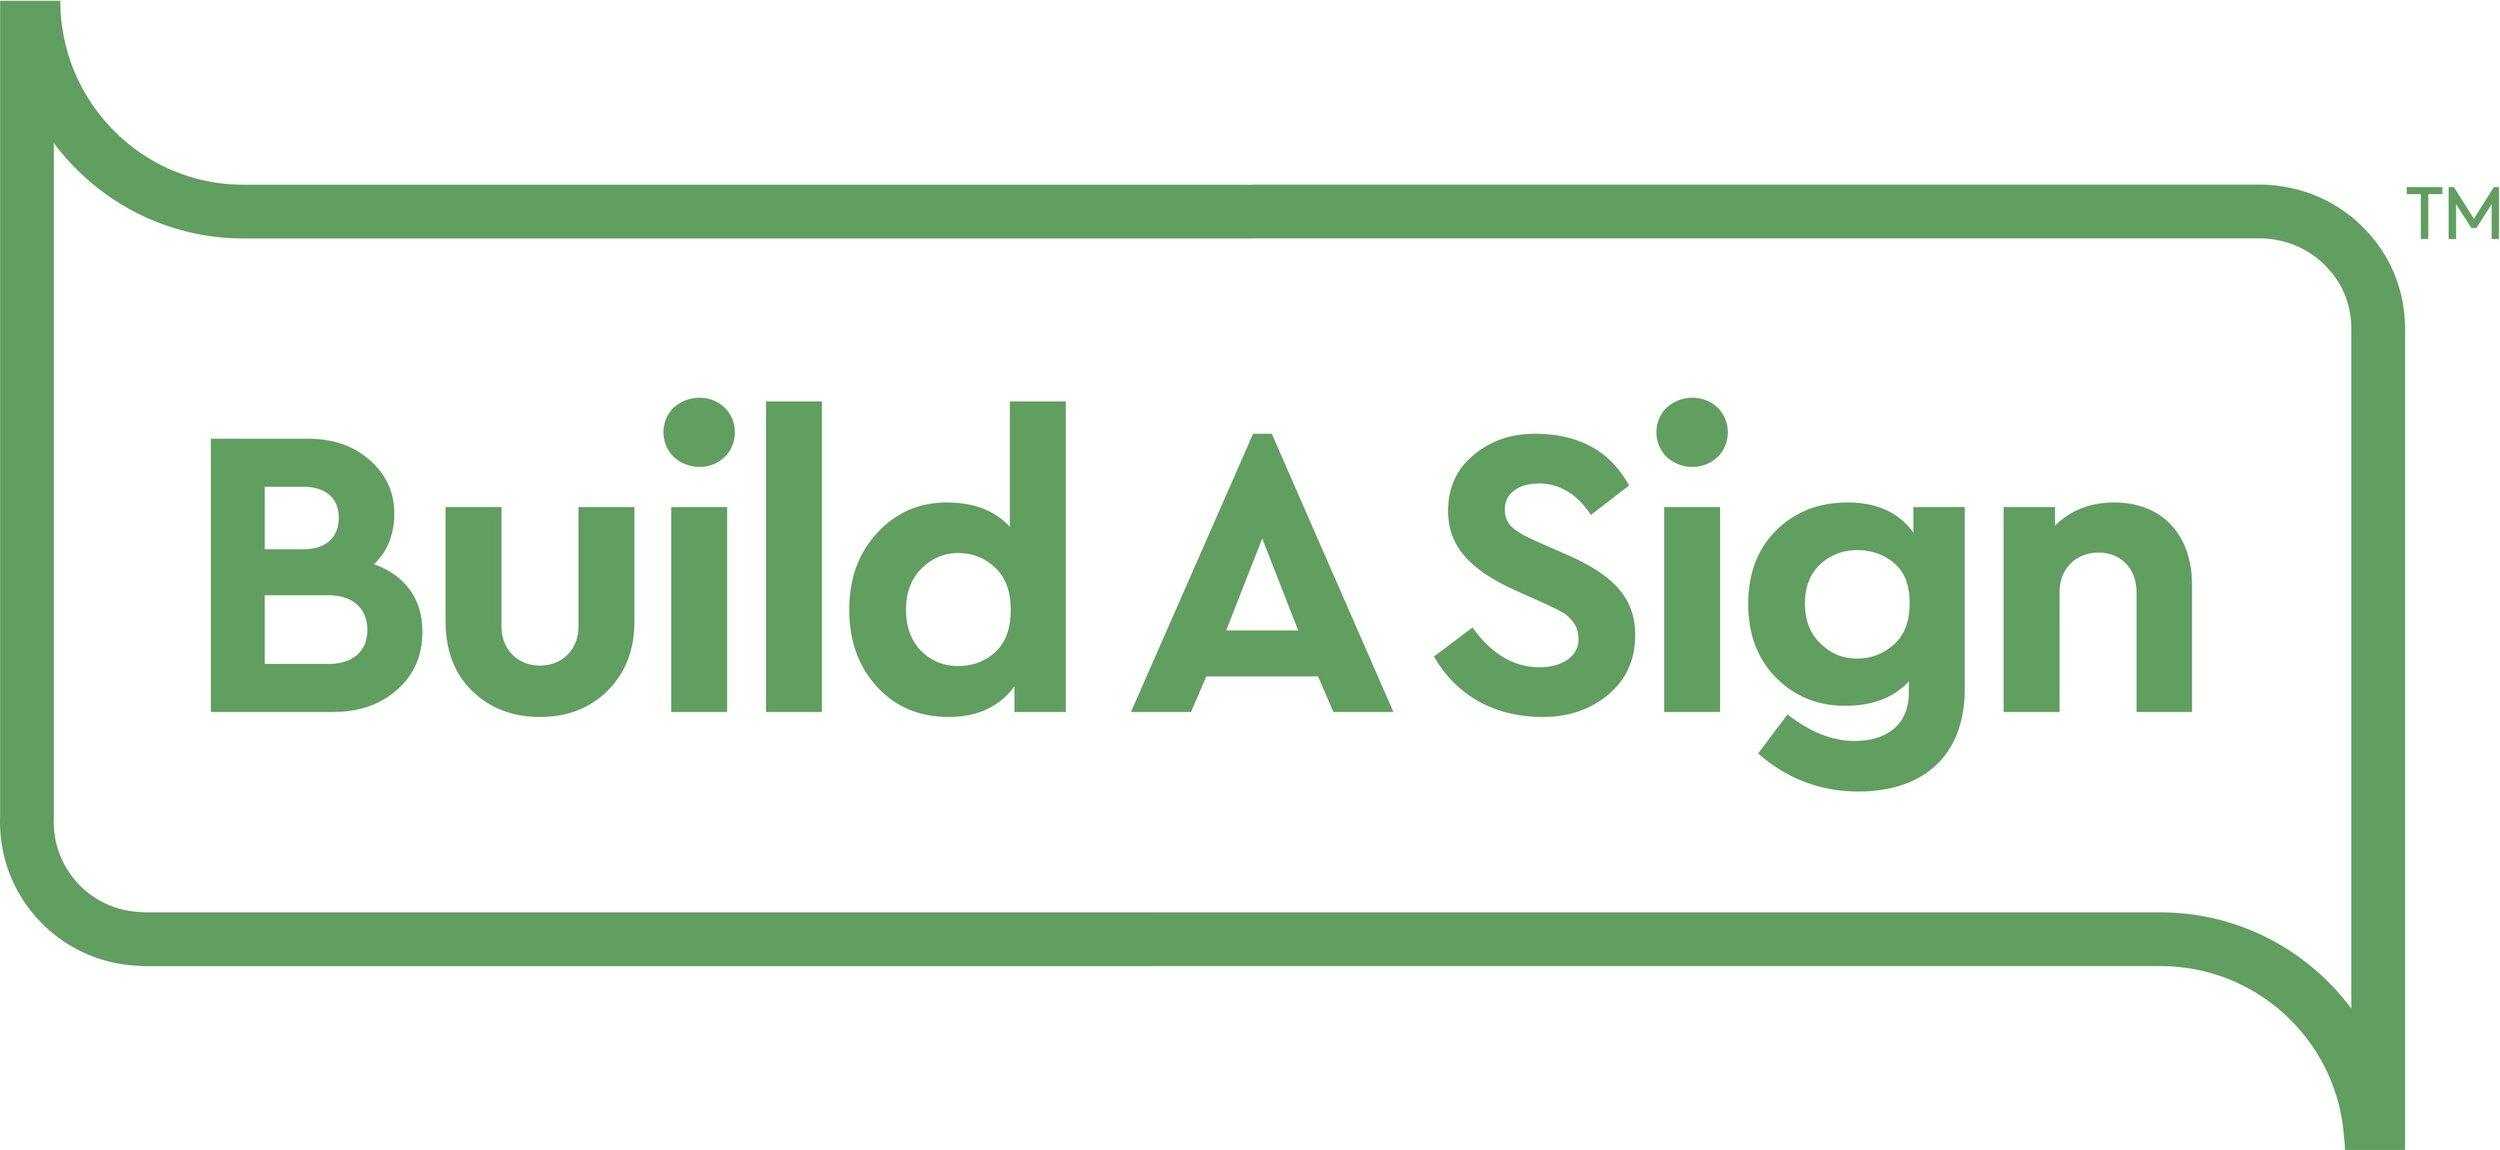 BAS_Logo_Green.jpg